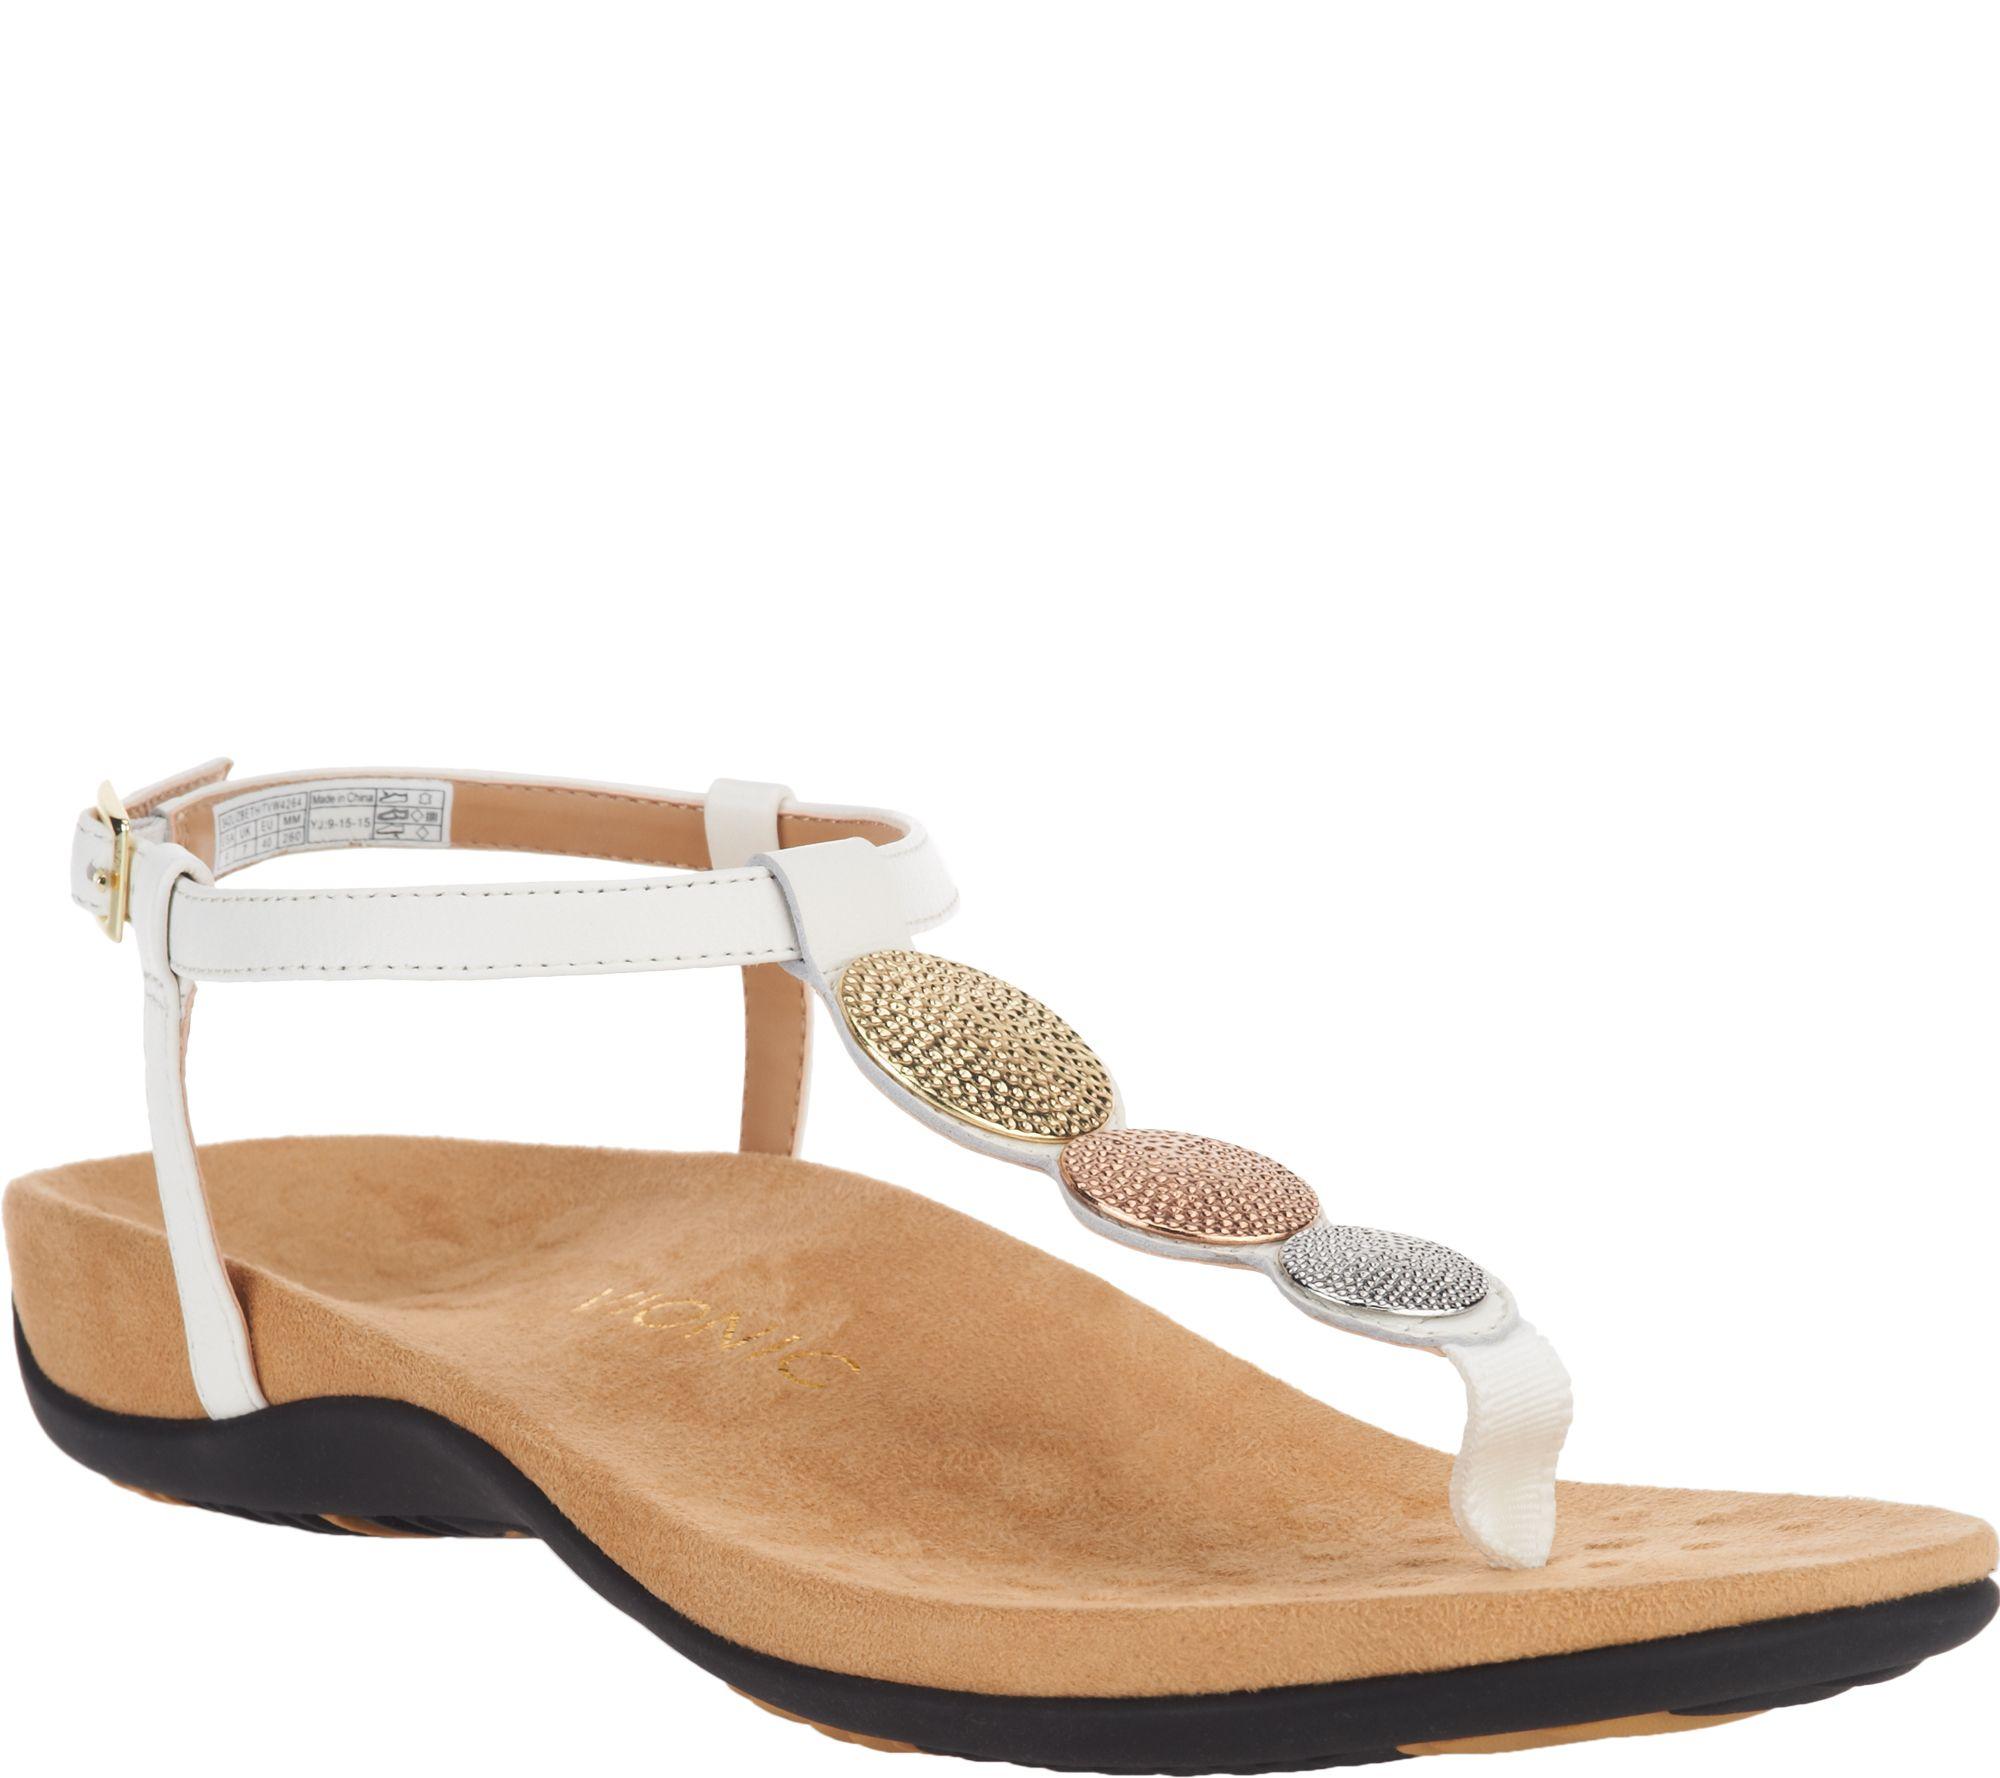 96a8d69de8b Vionic Orthotic T-strap Sandals w  Ankle Strap - Lizbeth - Page 1 — QVC.com